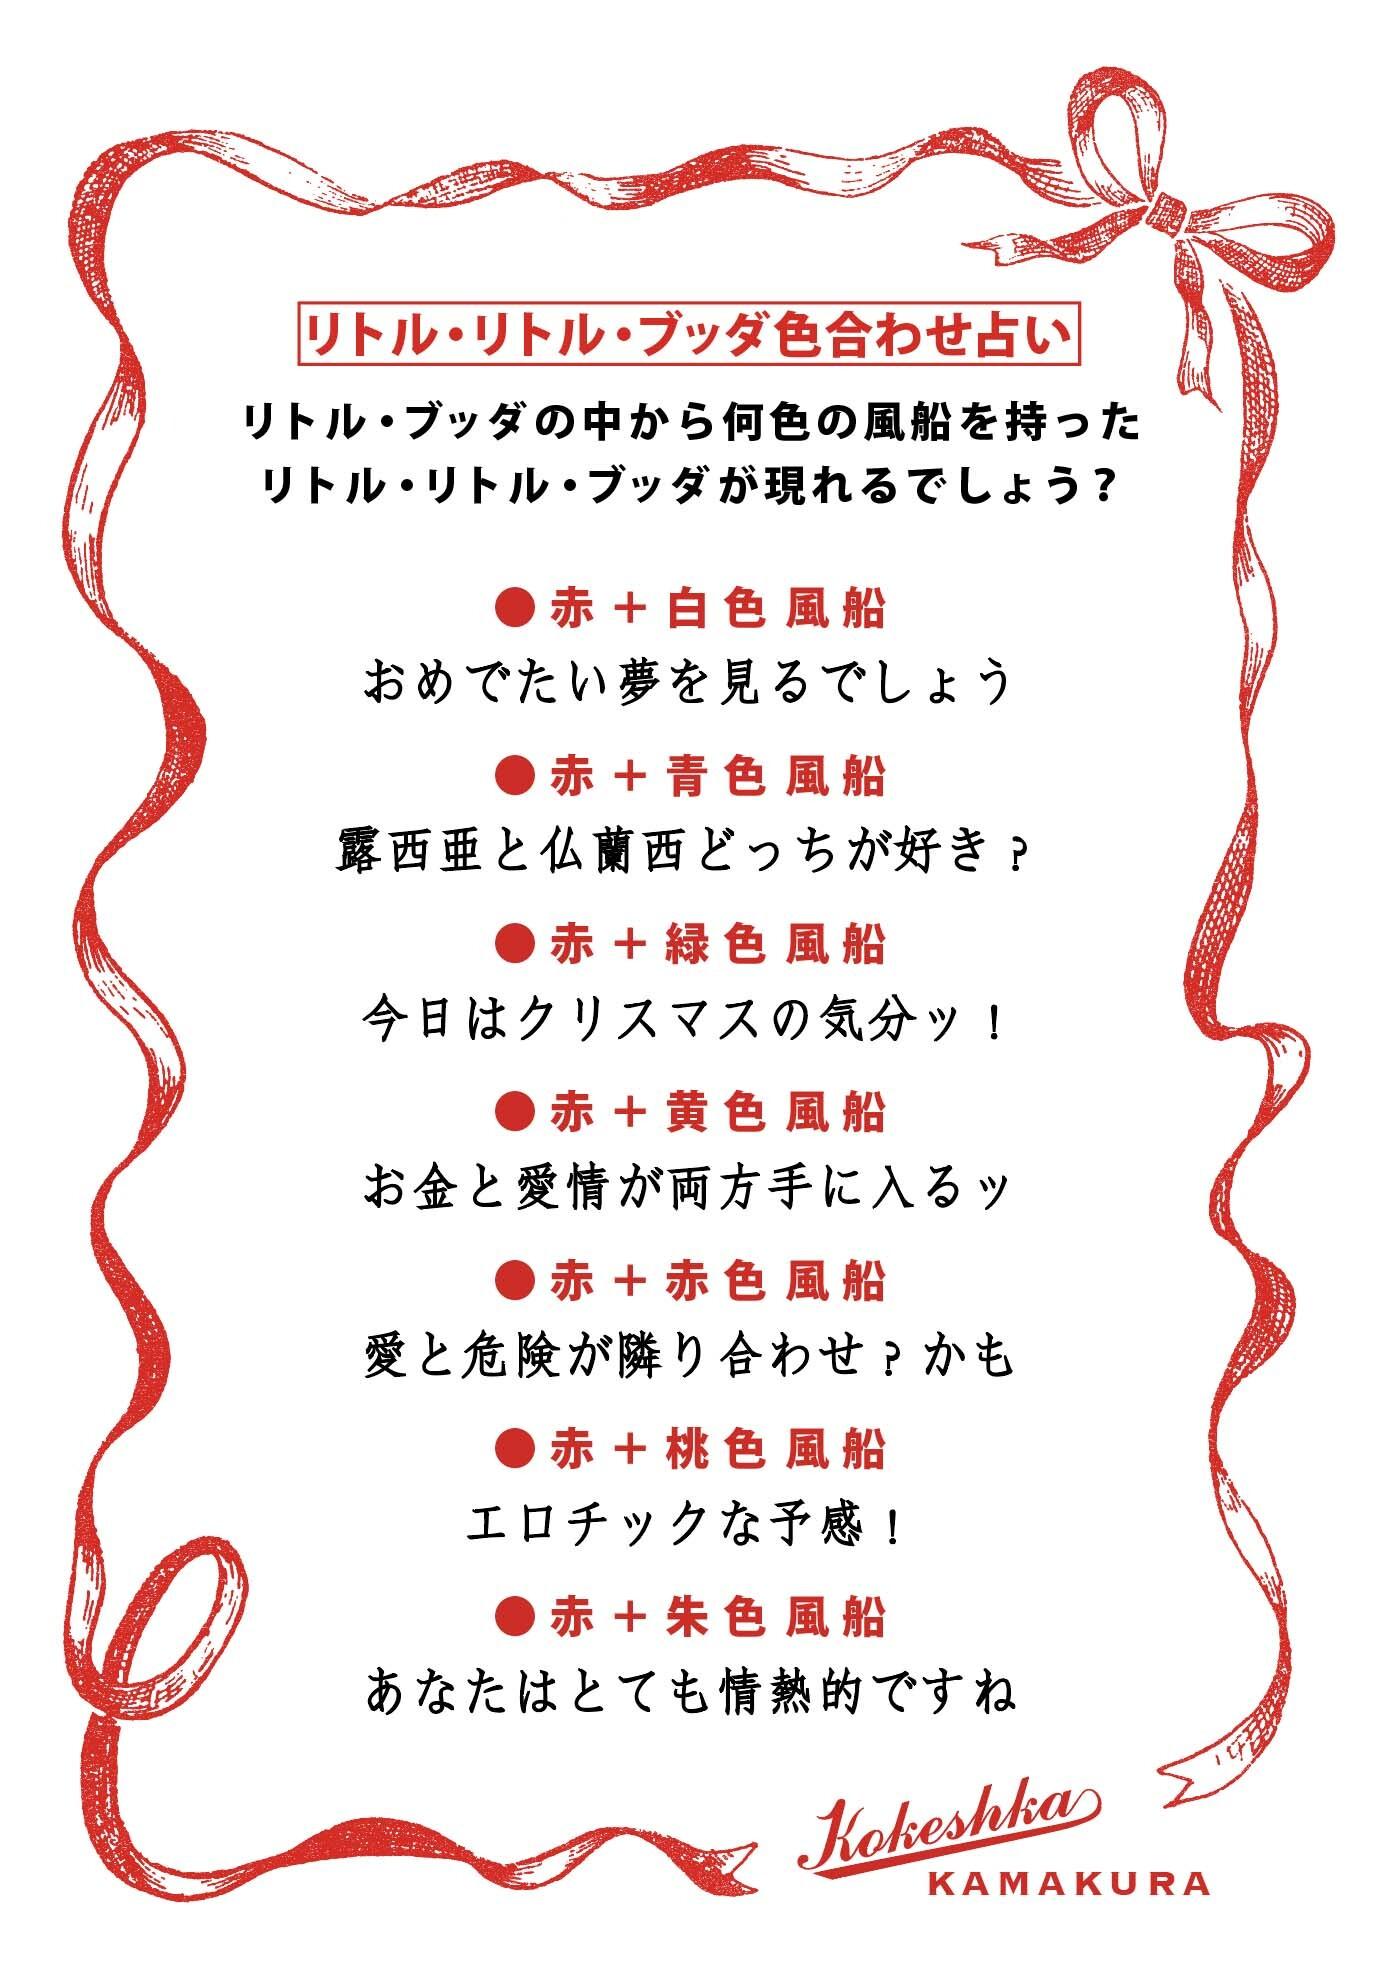 リトル・リトルブッダ根付 2個組(100%ORANGE×コケーシカ)